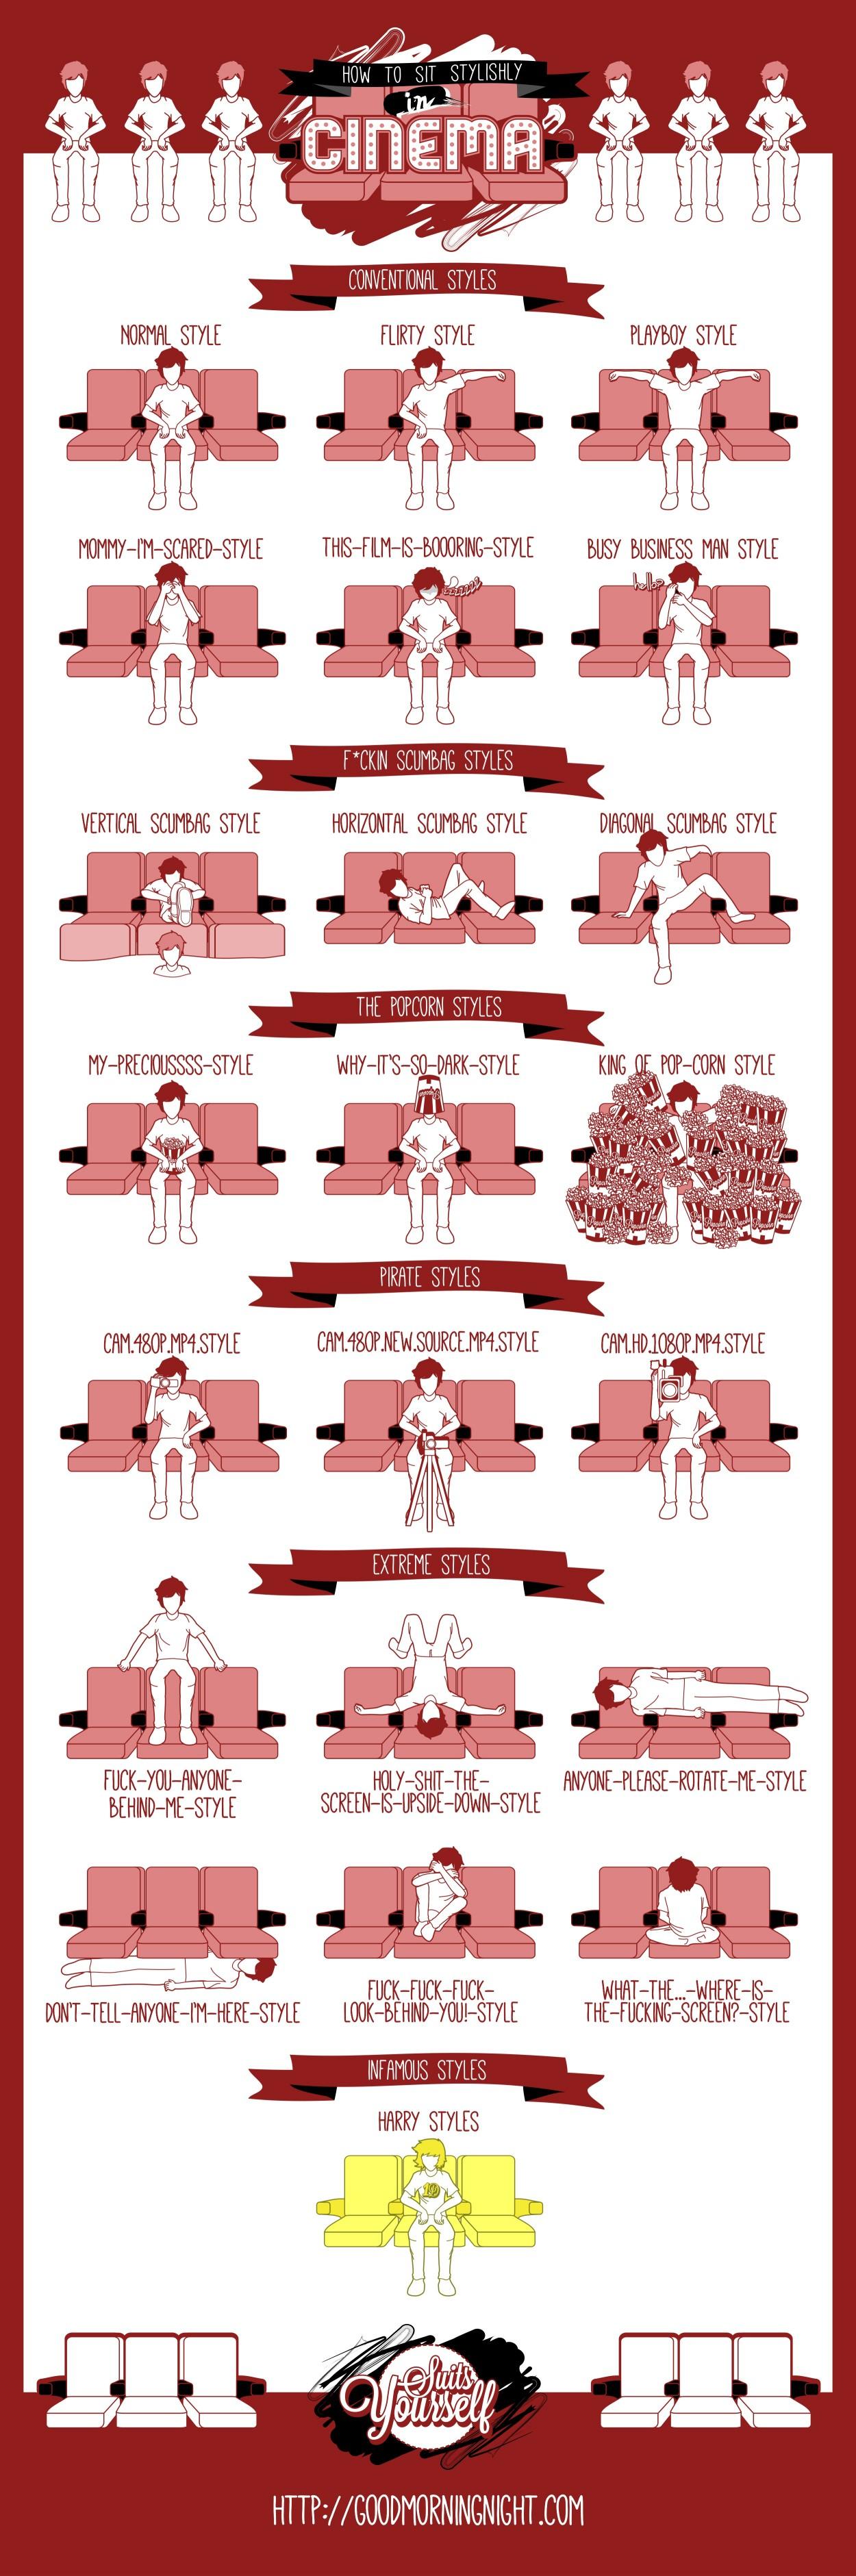 How To Sit Stylishly Cinema Hires